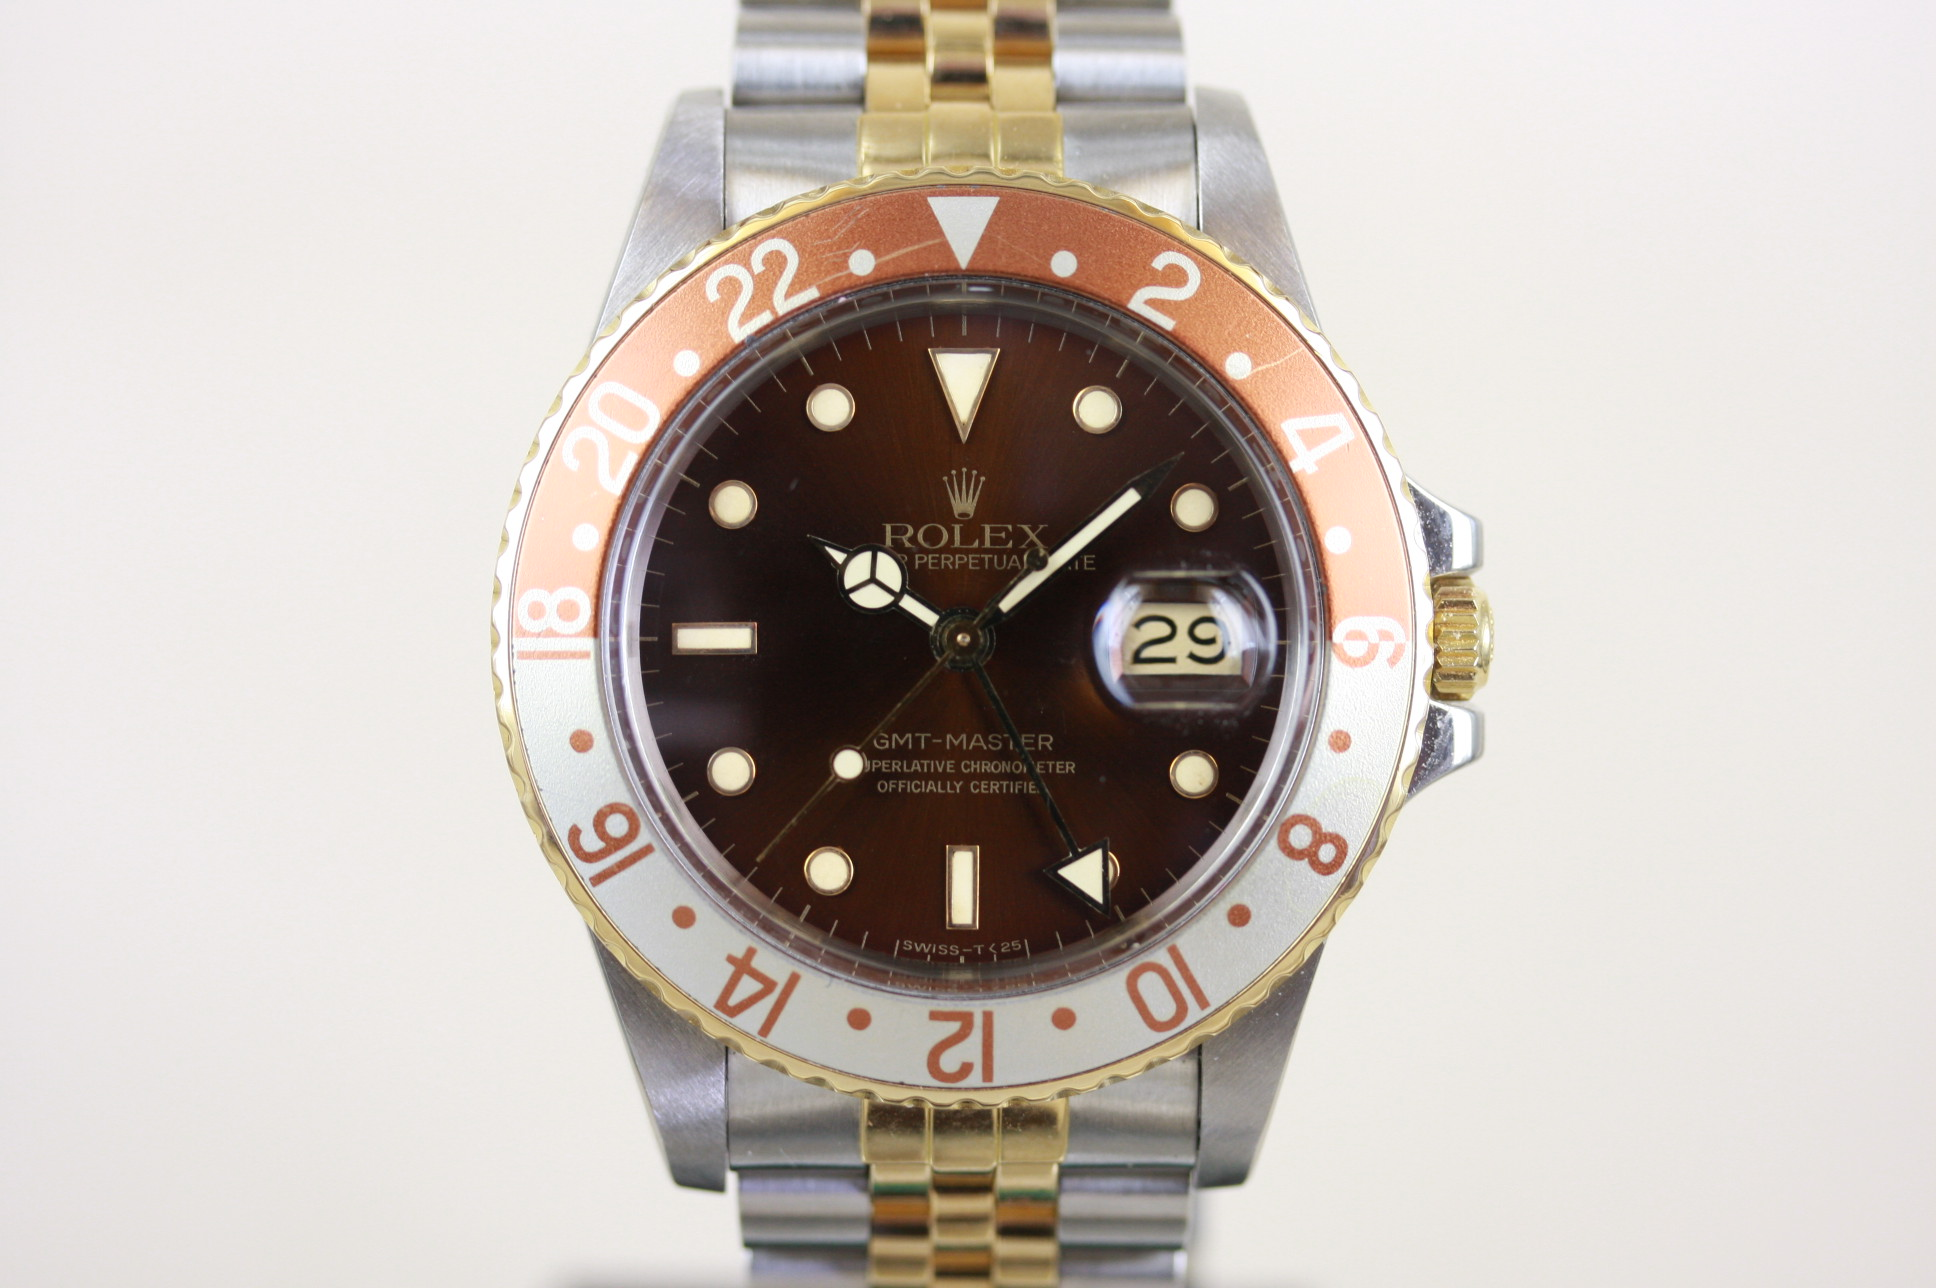 GMTマスター 16753 SOLD